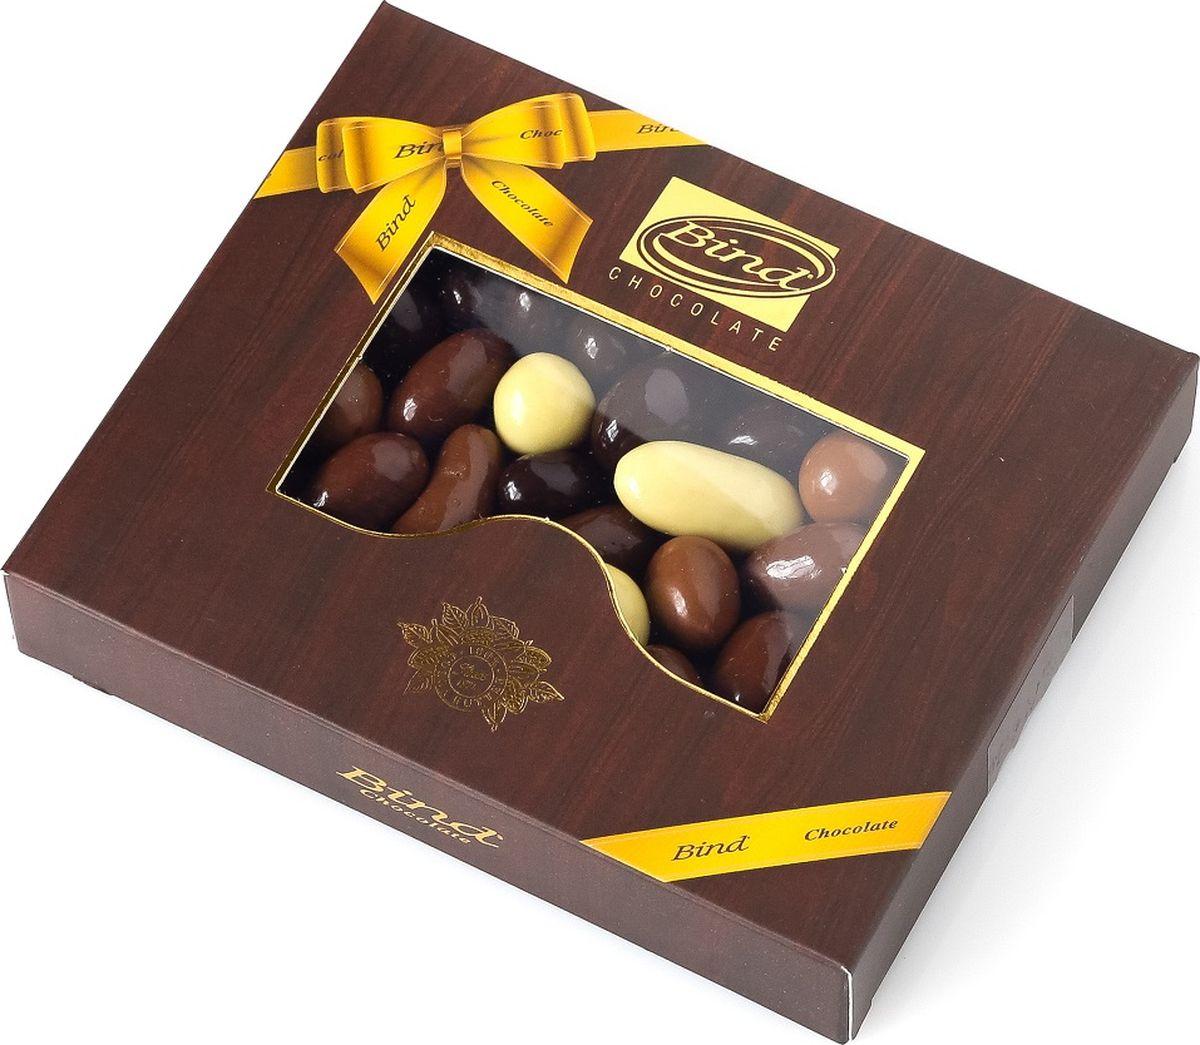 Bind микс из разного шоколада с орехами и цукатами драже, 100 г gbs конфеты фигурные из молочного шоколада с воздушным рисом и фундуком 75 г